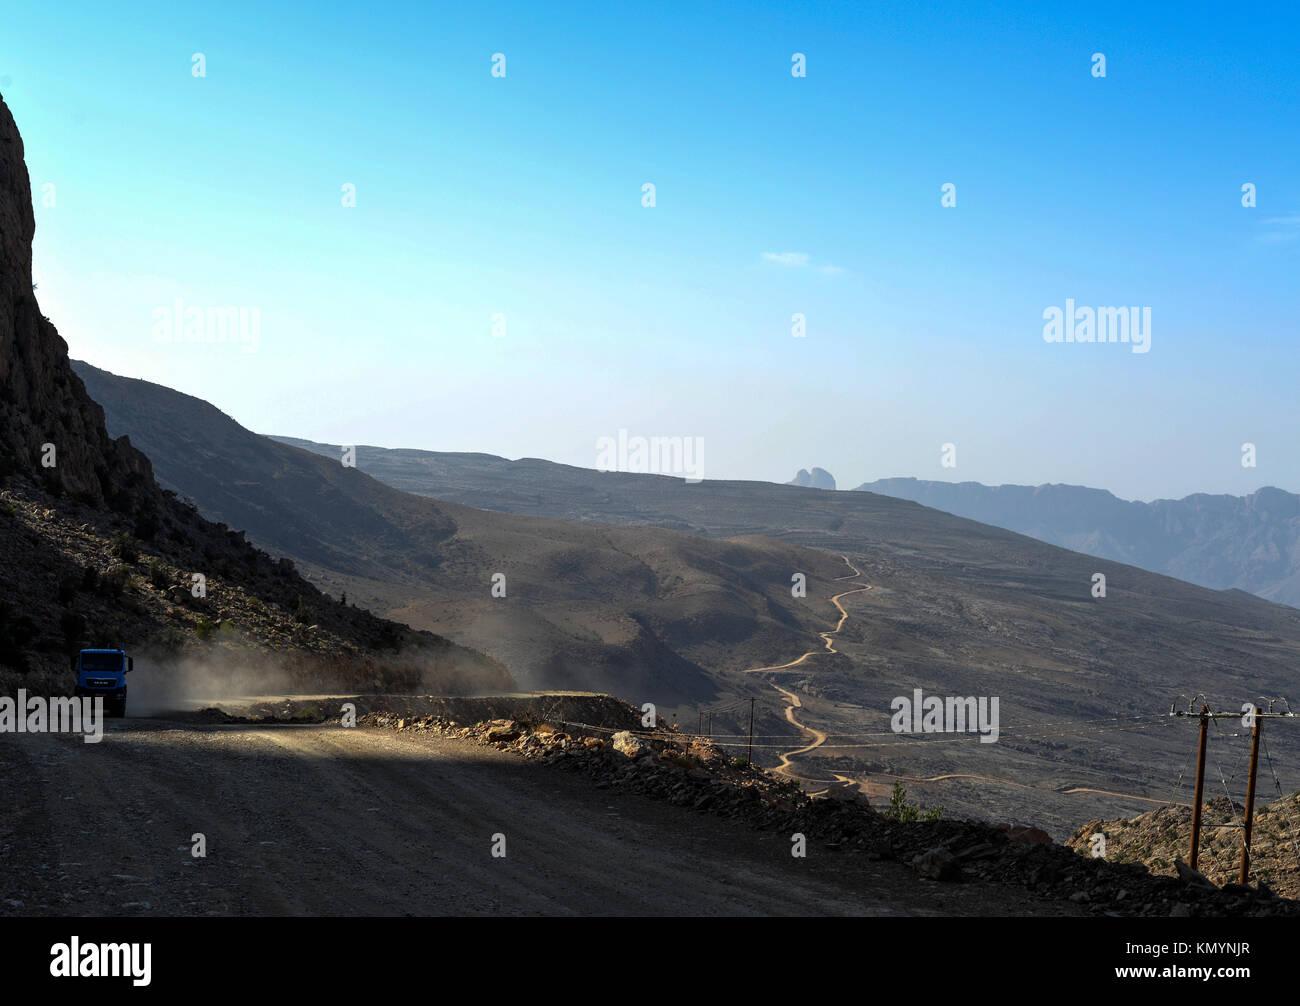 A long dusty rod in Oman - Stock Image